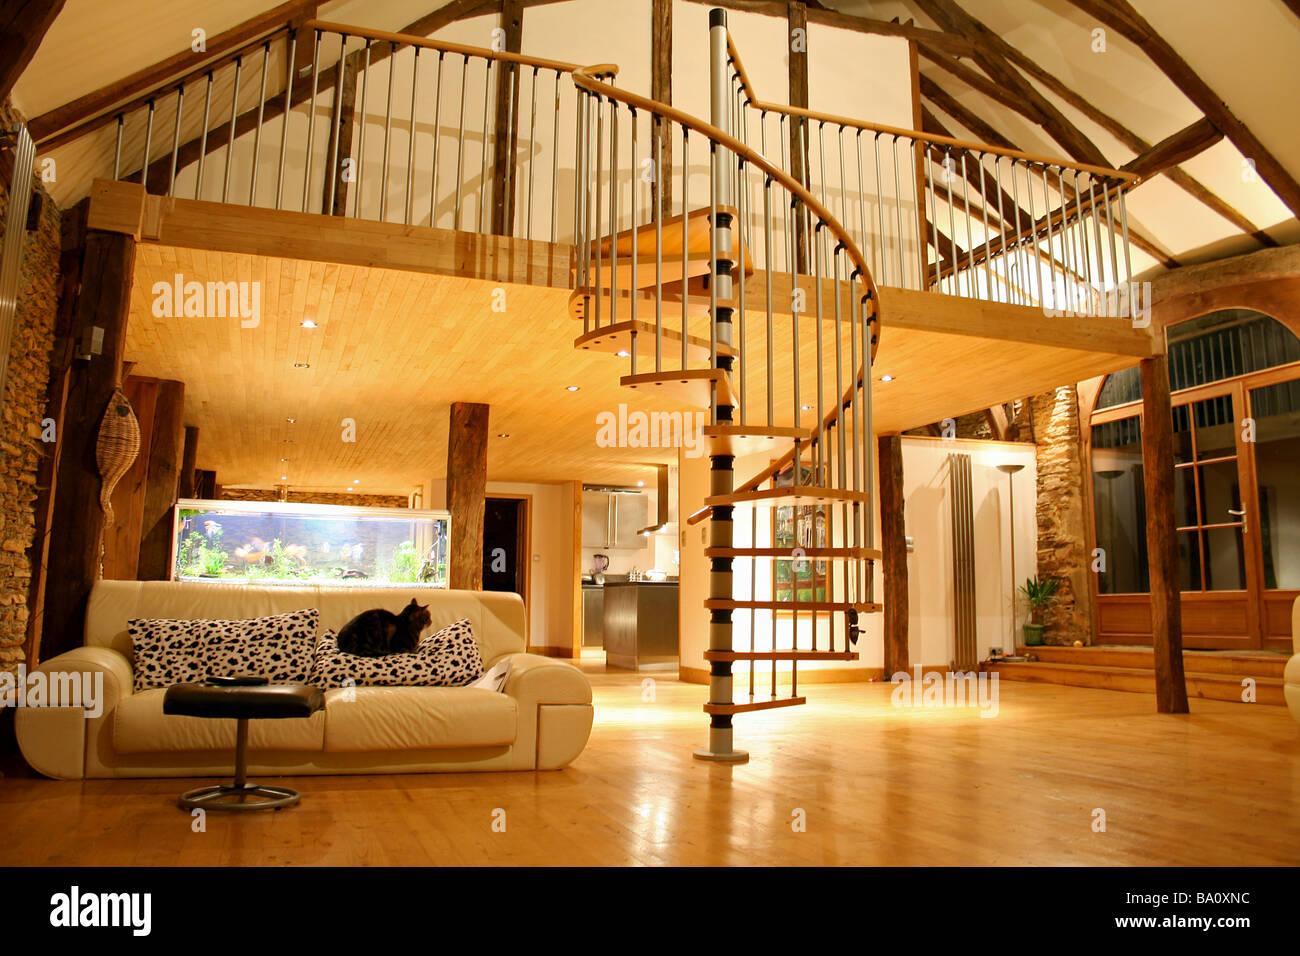 offene Treppe und mezzanine Stockfoto, Bild: 23377912 - Alamy